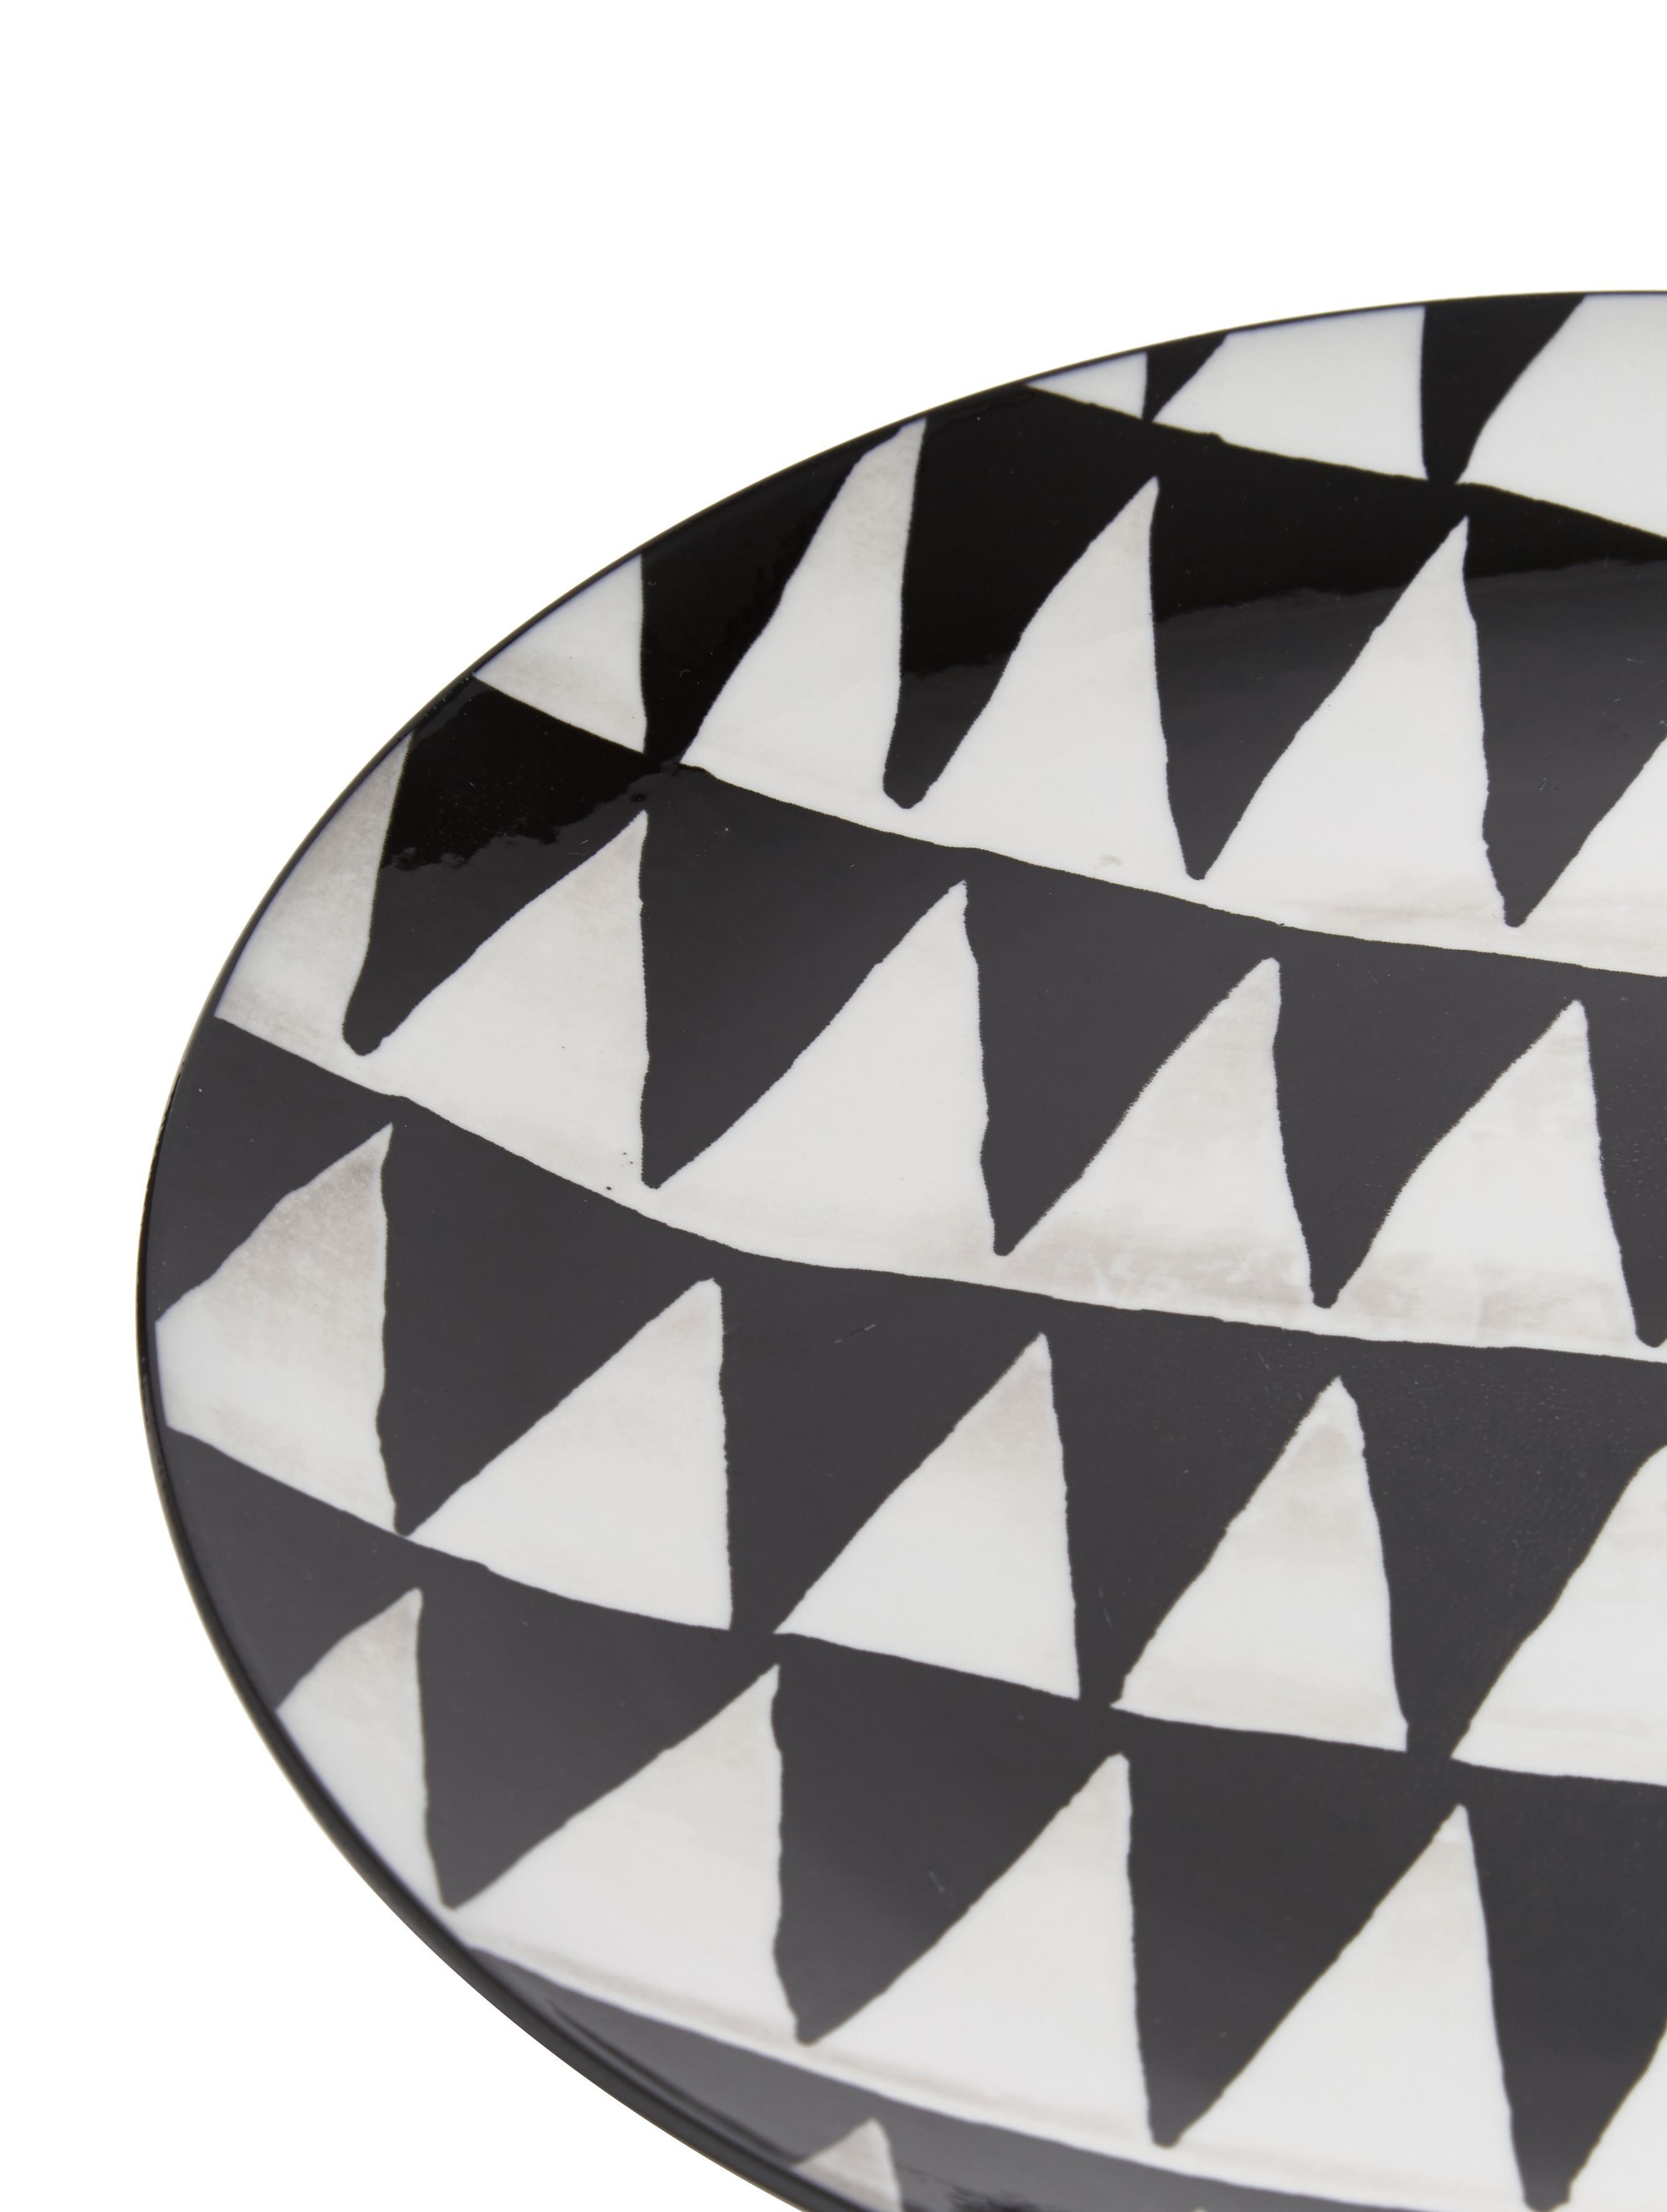 Komplet naczyń  Mokala, 18 elem., Porcelana, Czarny, biały, Komplet z różnymi rozmiarami